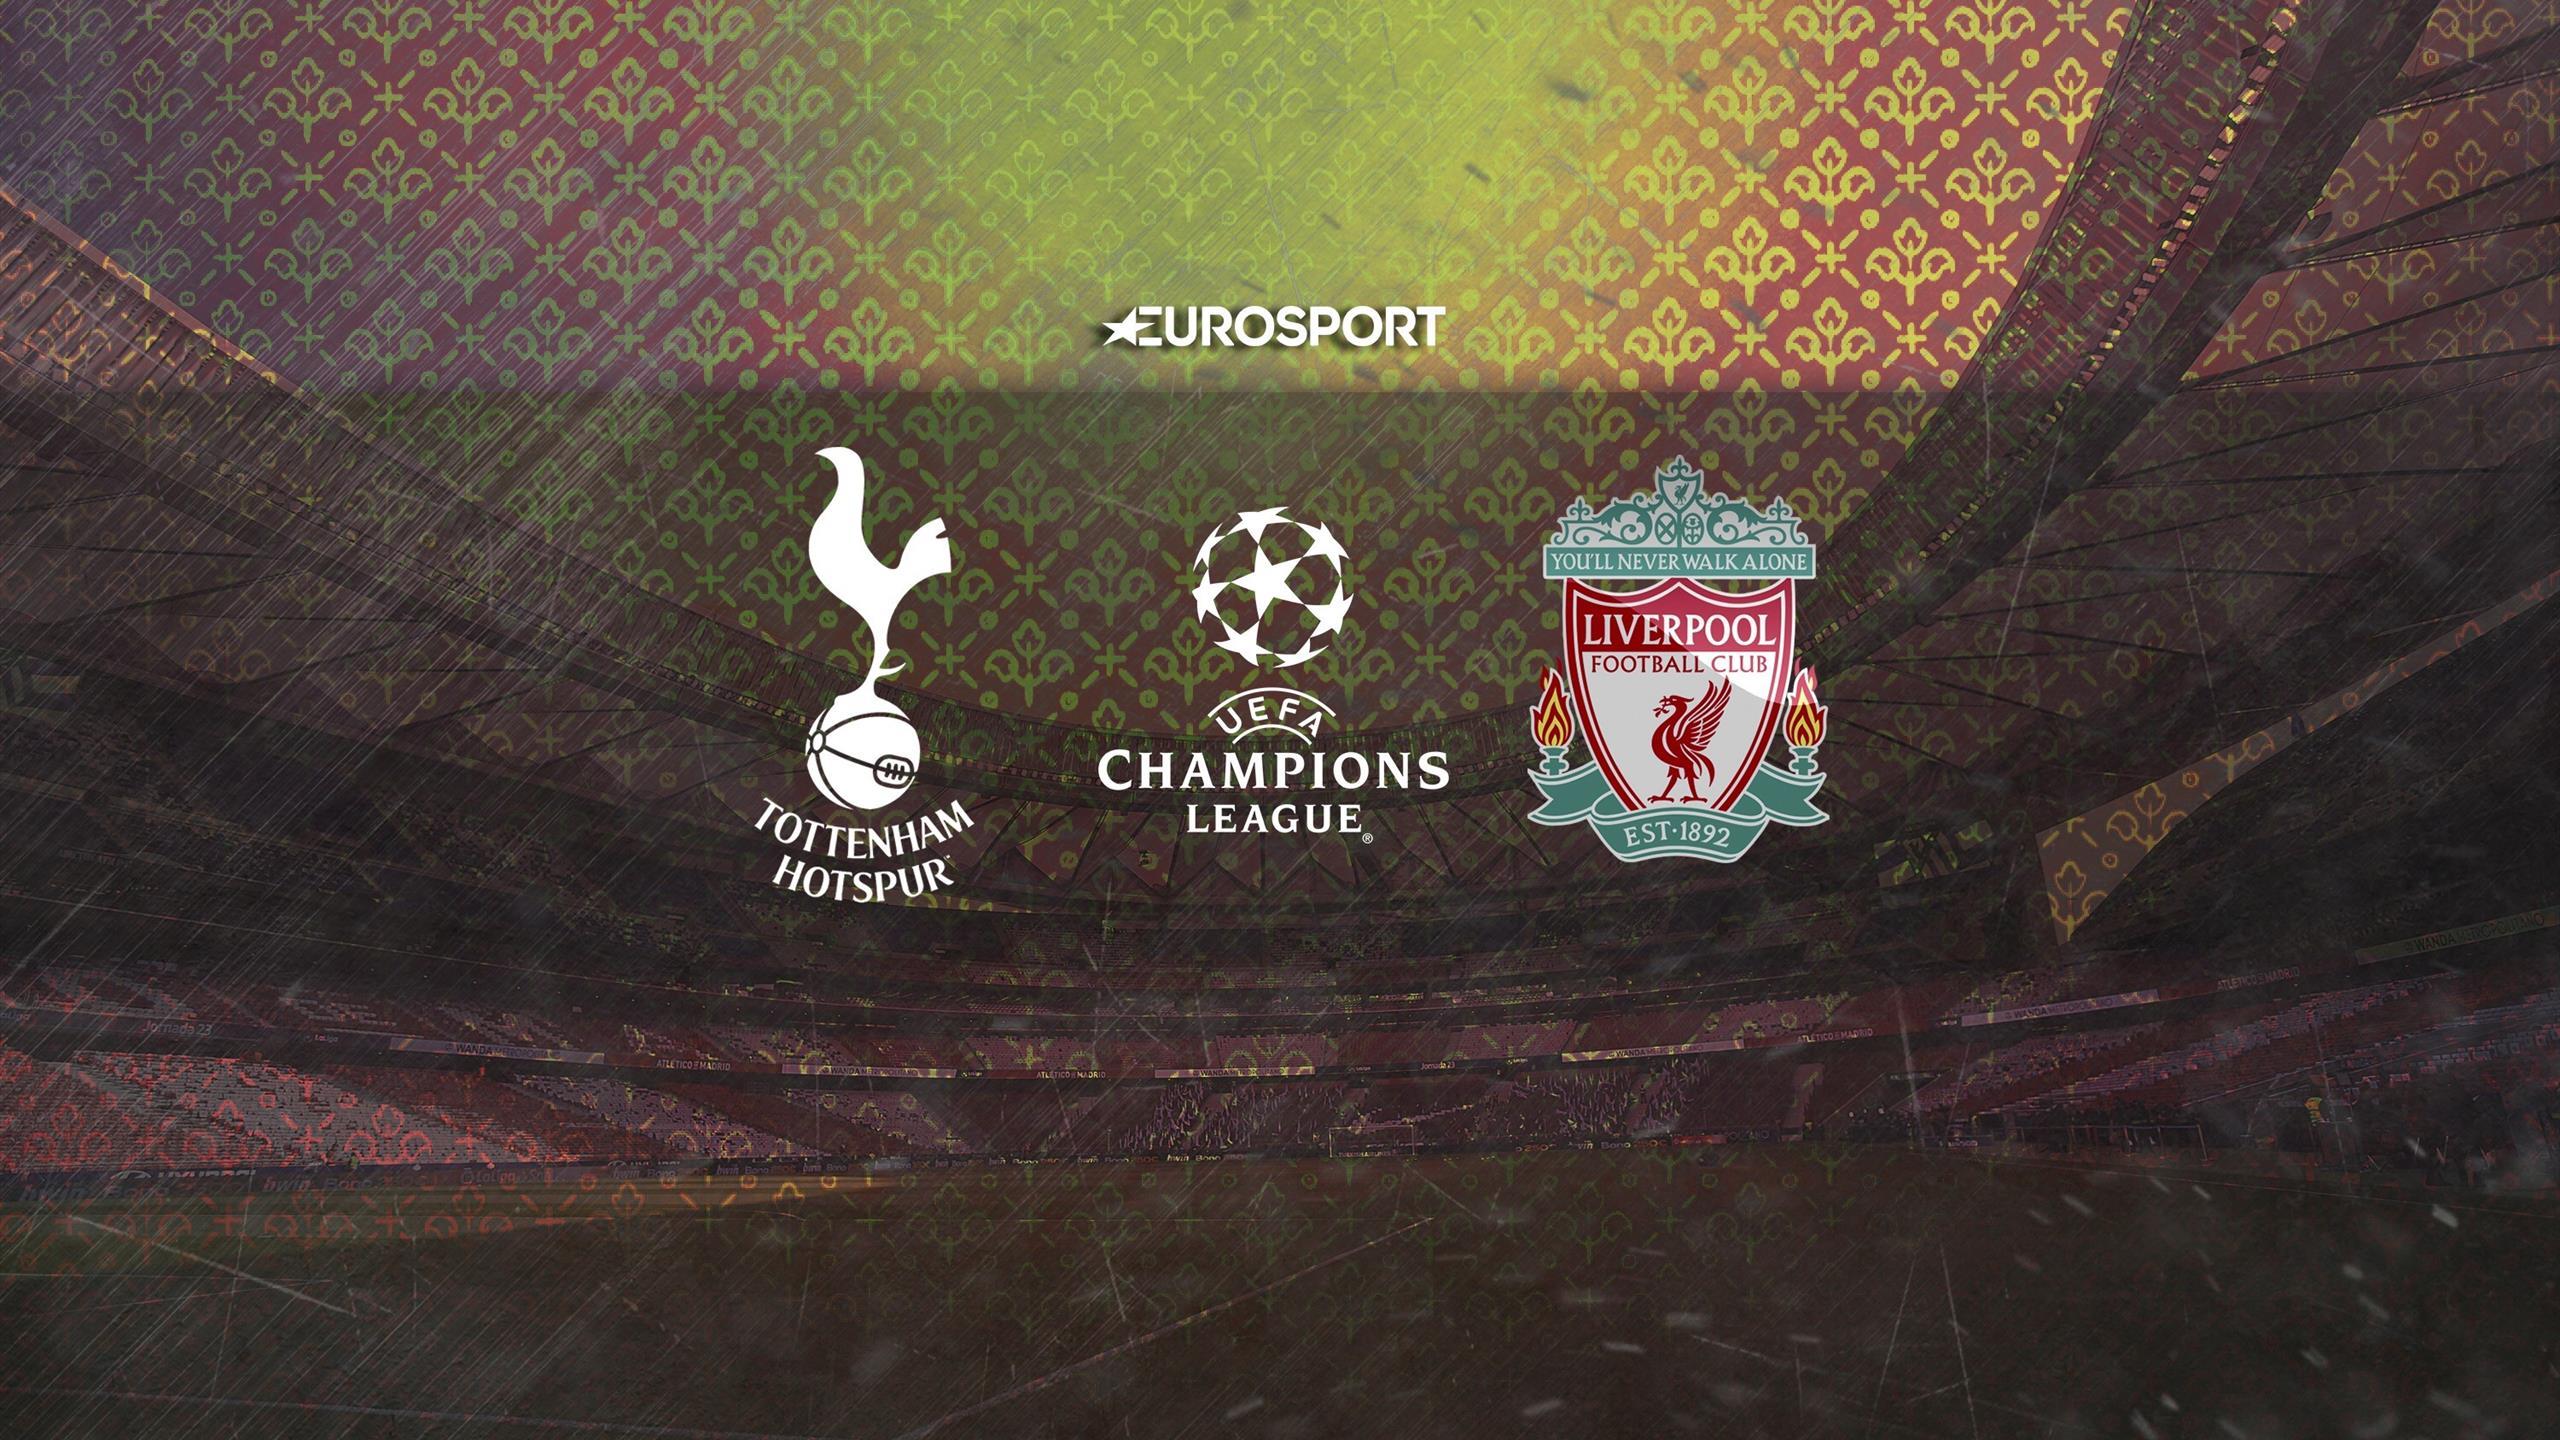 Лига чемпионов реал мадрид ливерпуль результаты